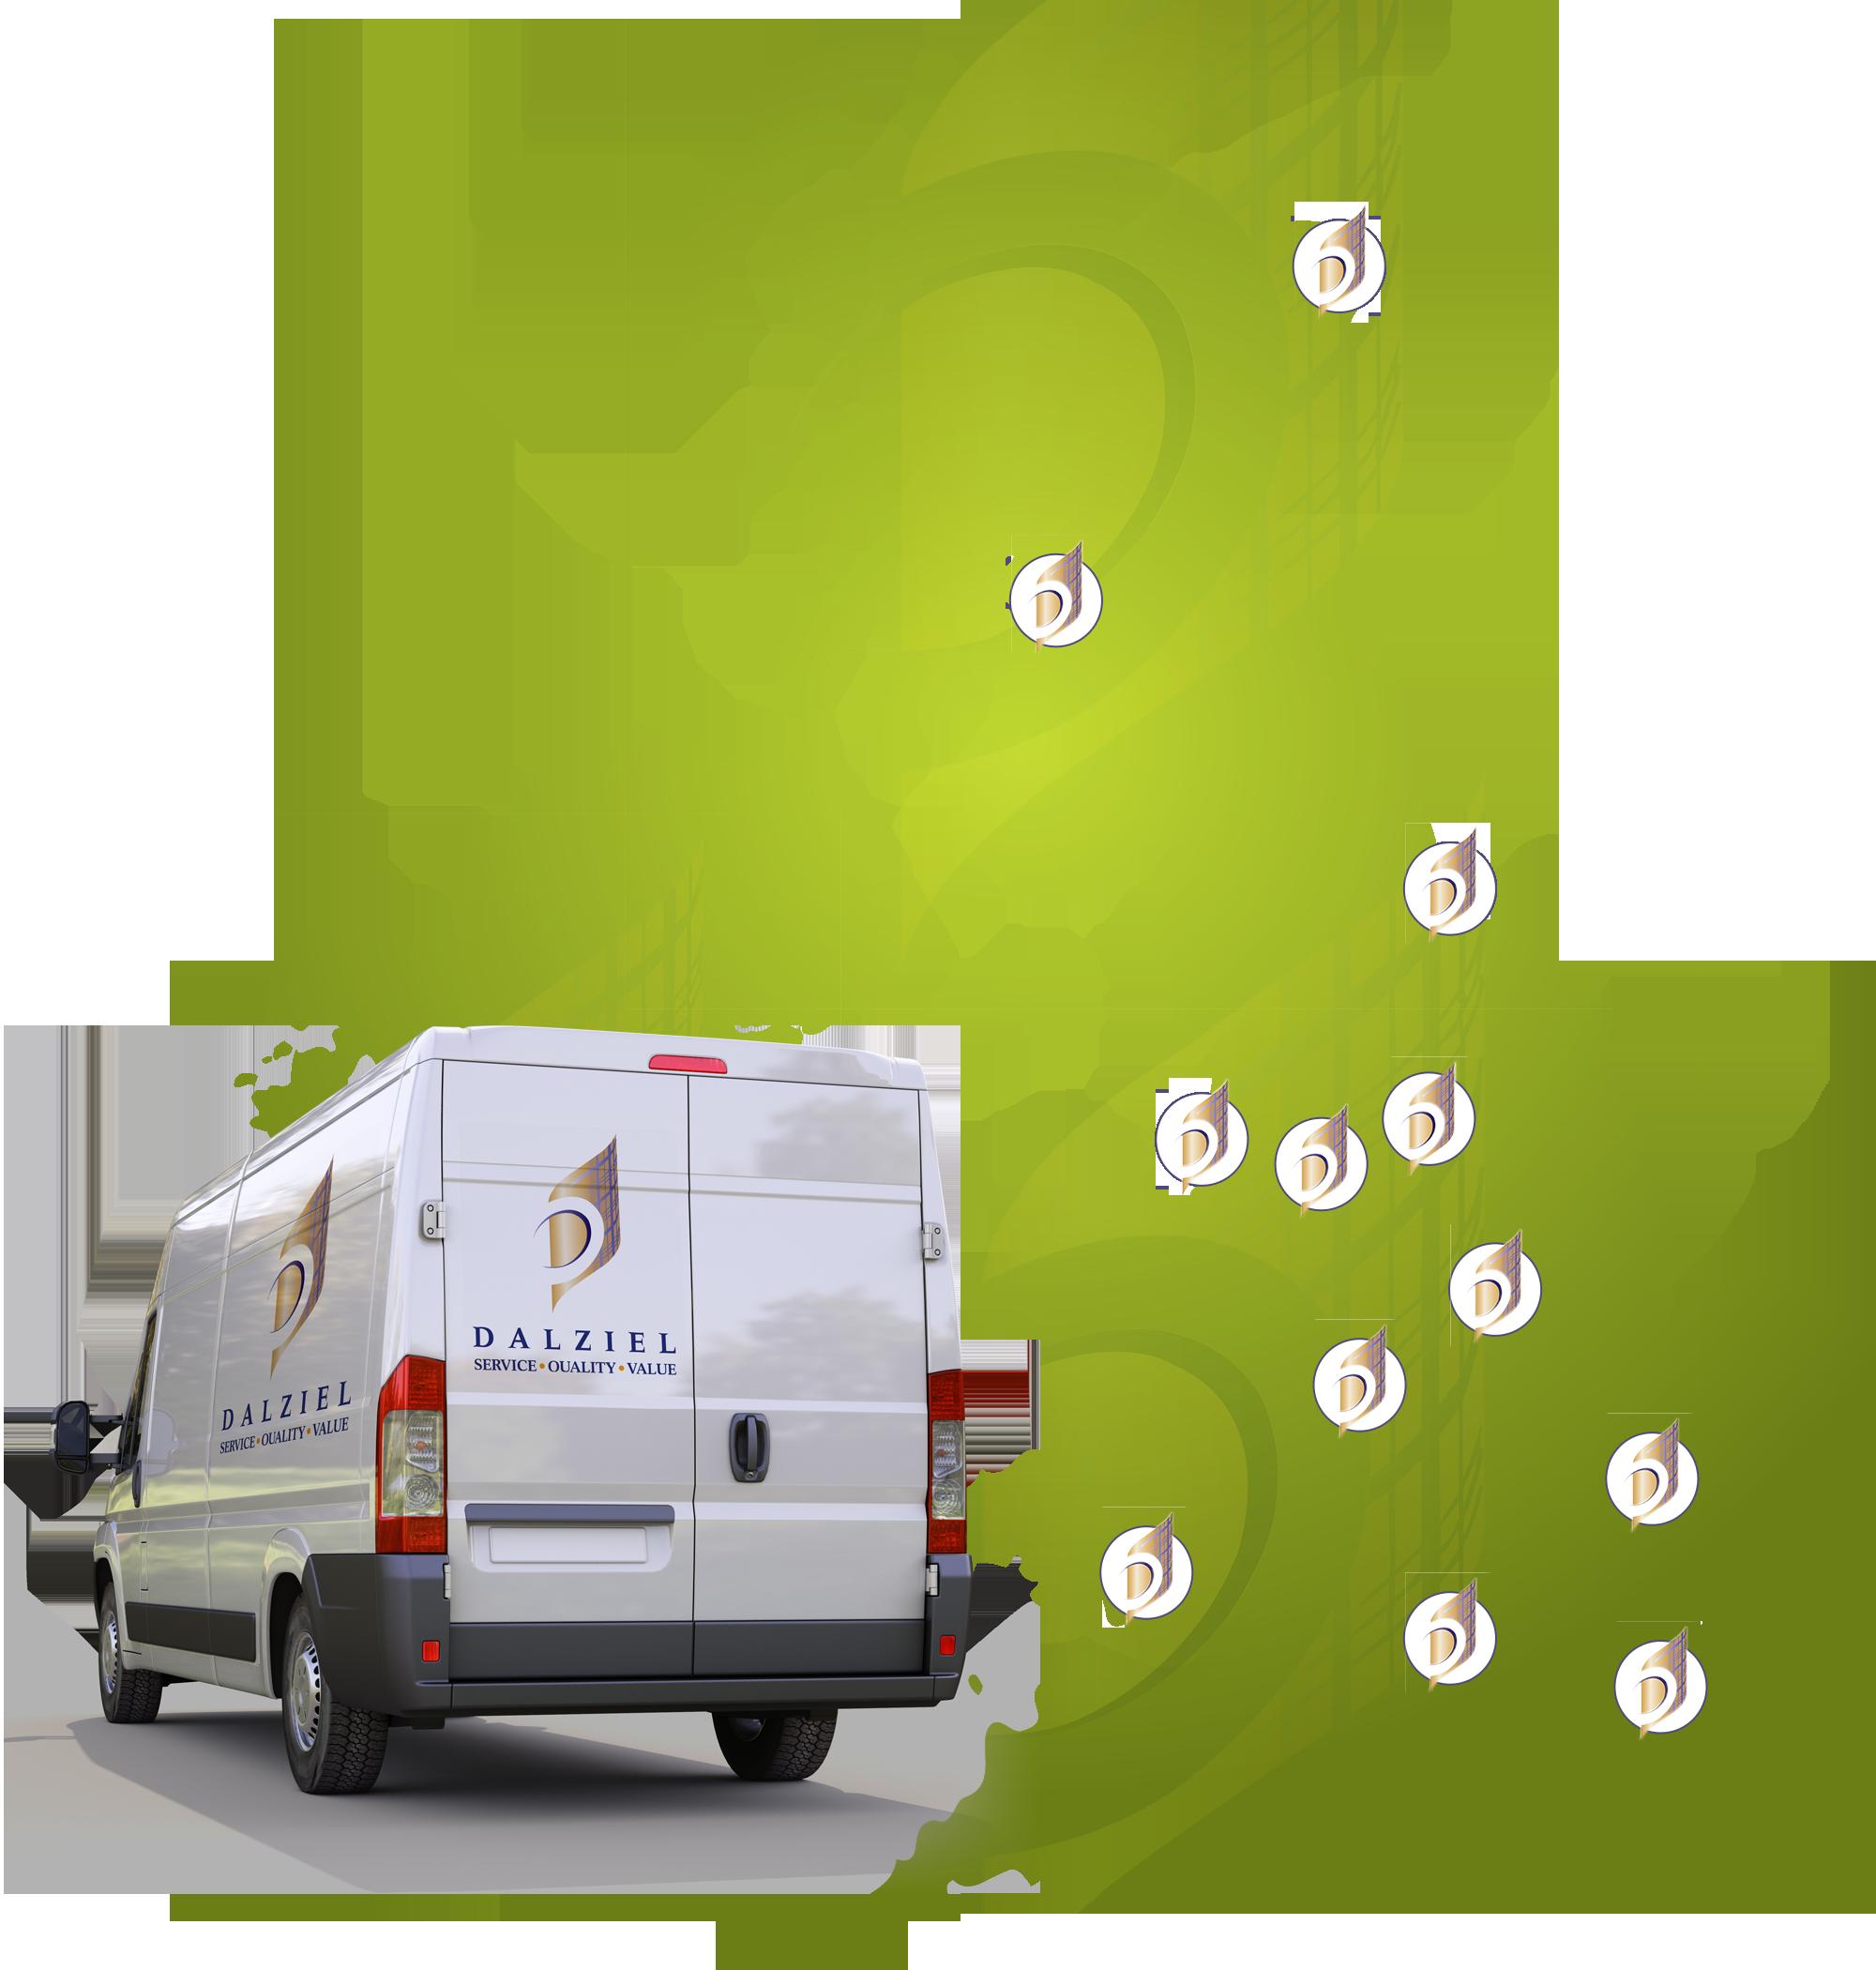 Dalziel UK Map With Van